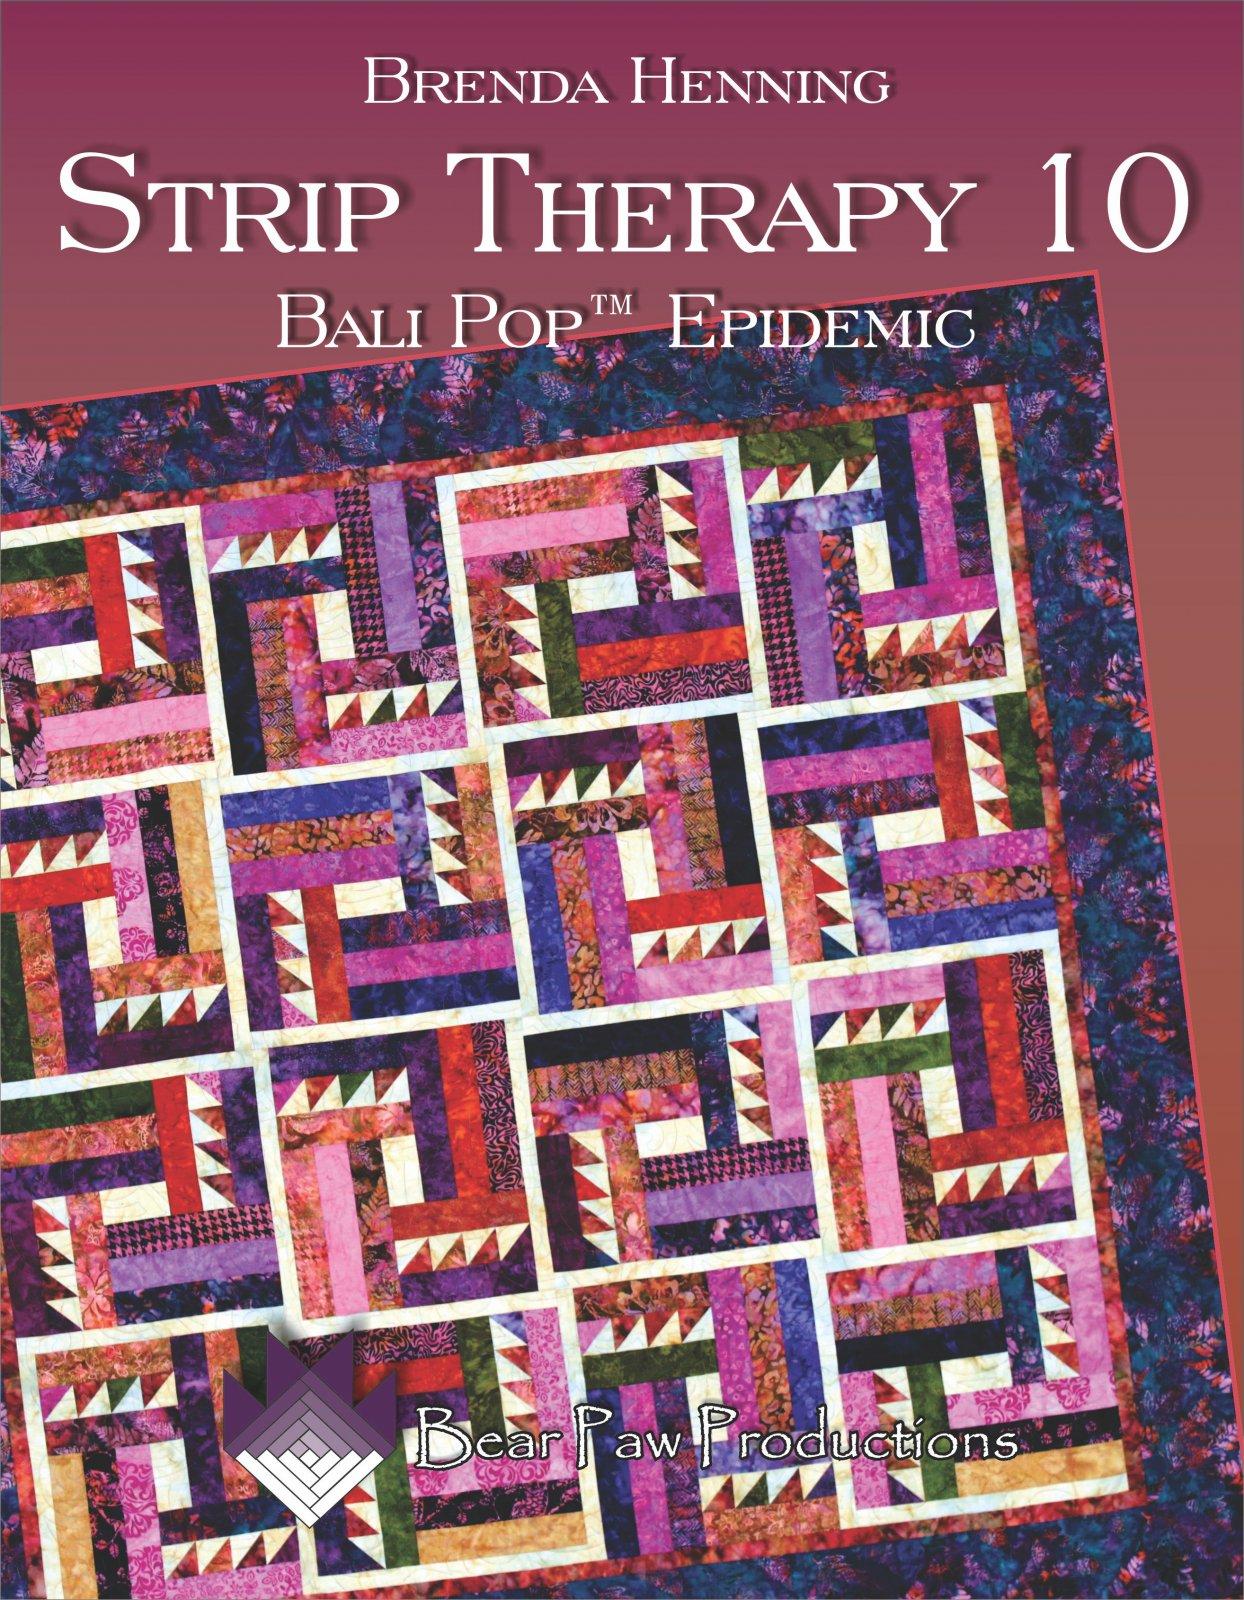 Strip Therapy 10 - Epidemic